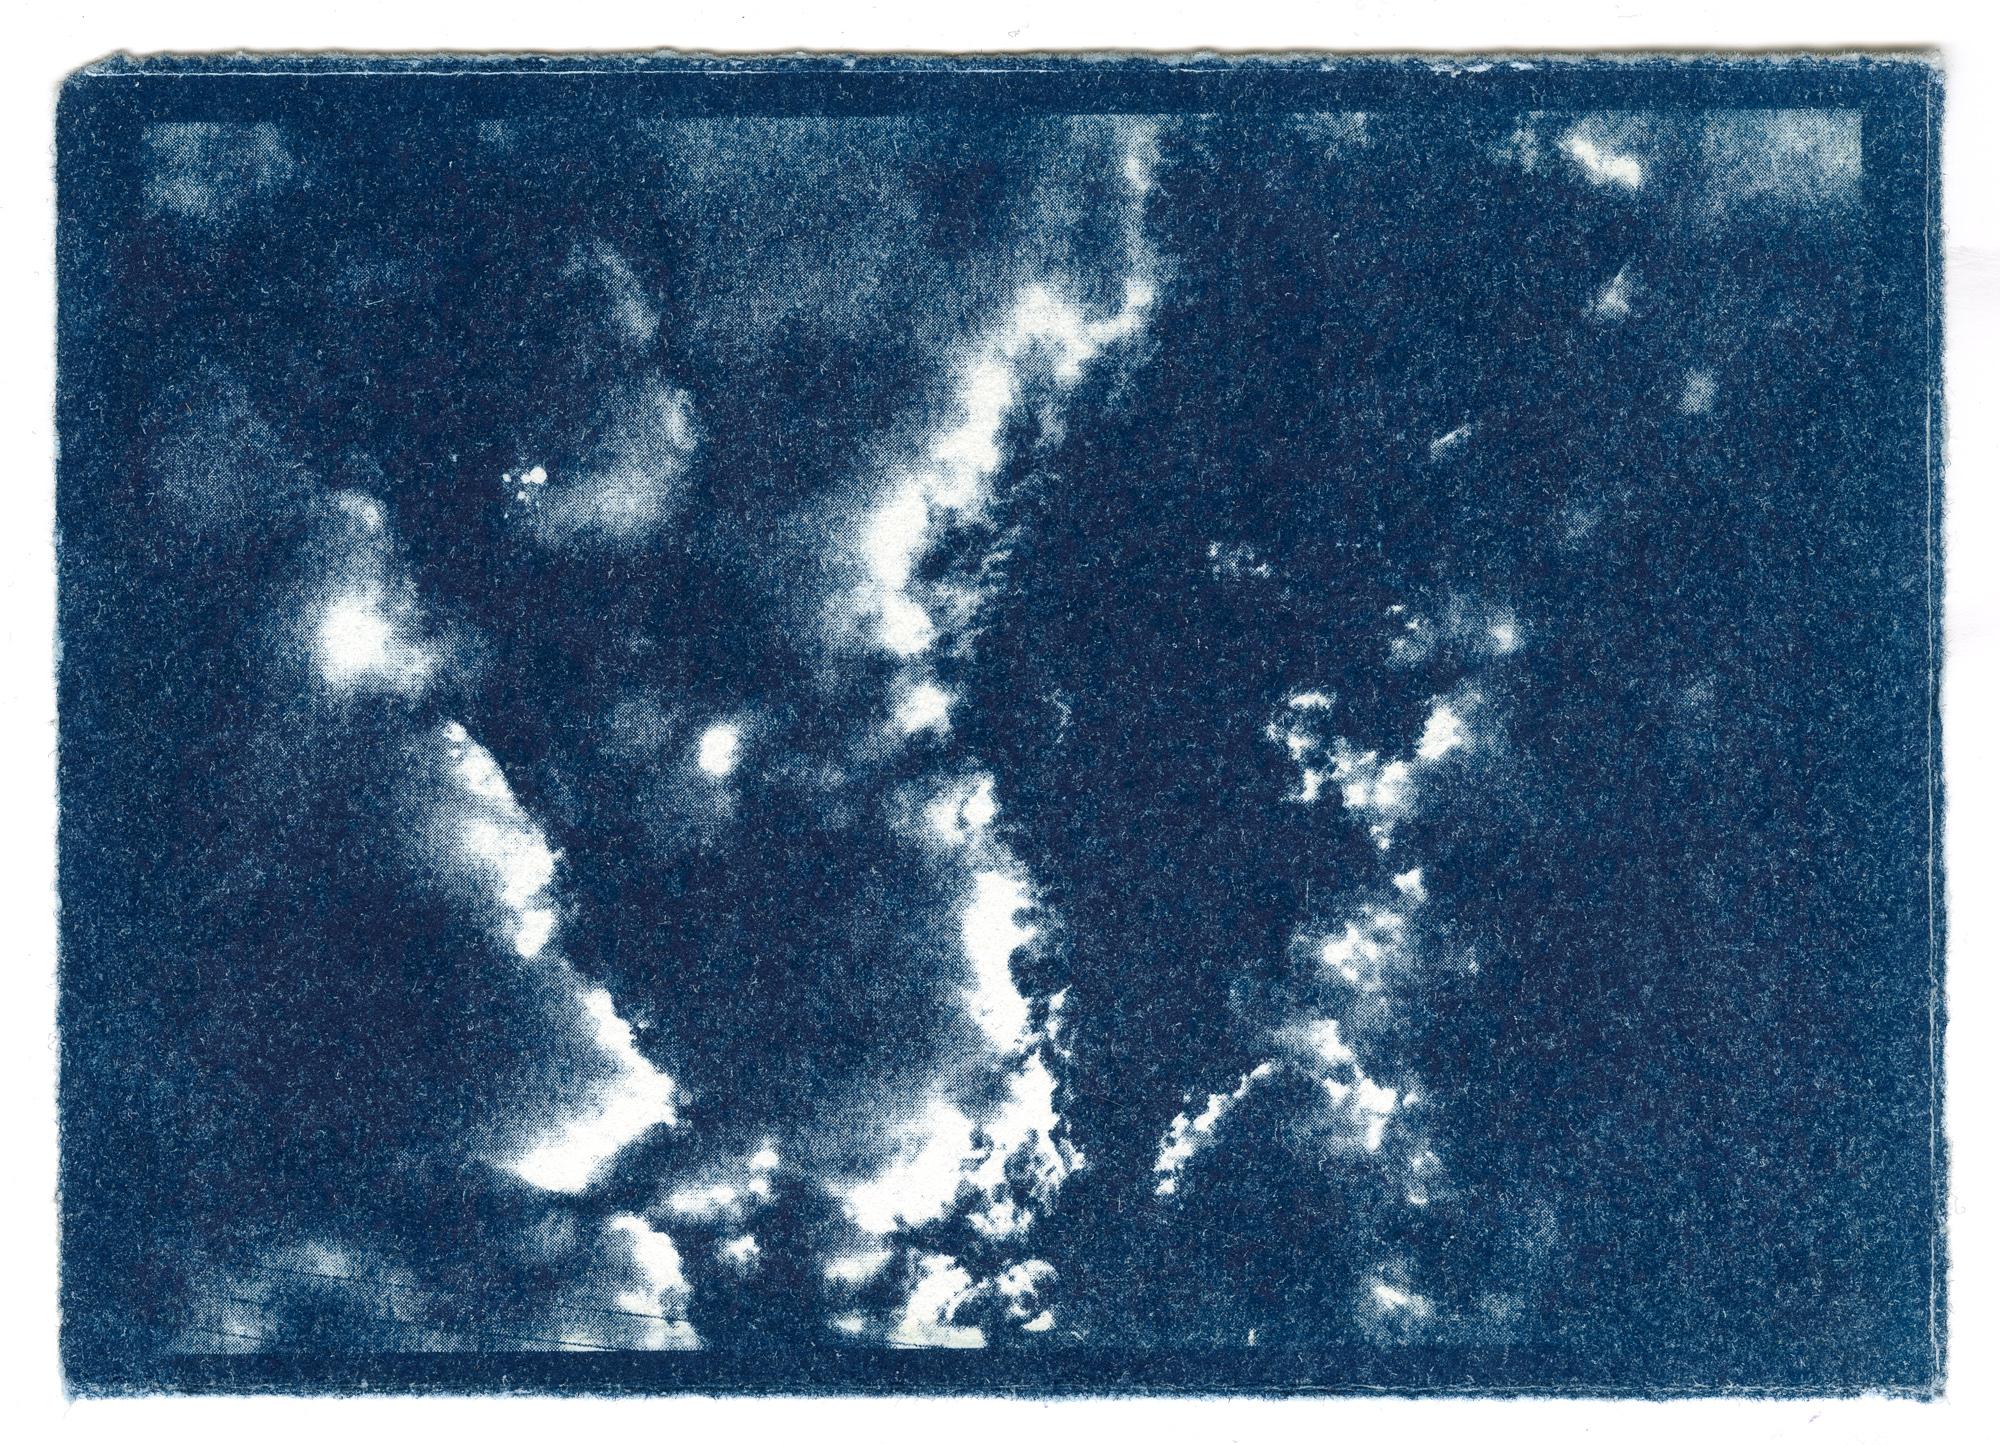 Sky 1 (41).jpg